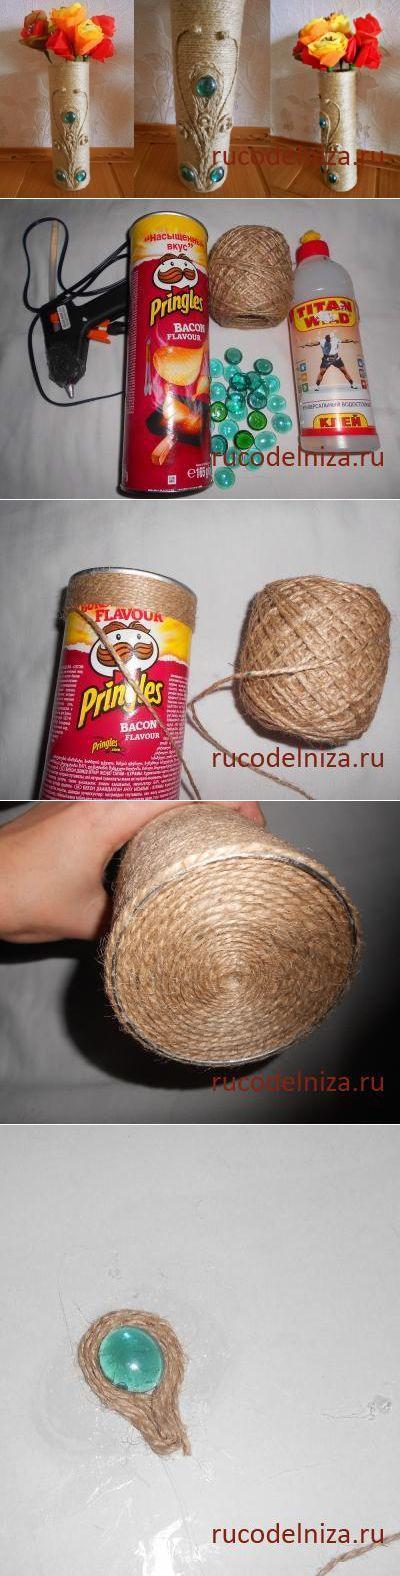 rucodelniza.ru